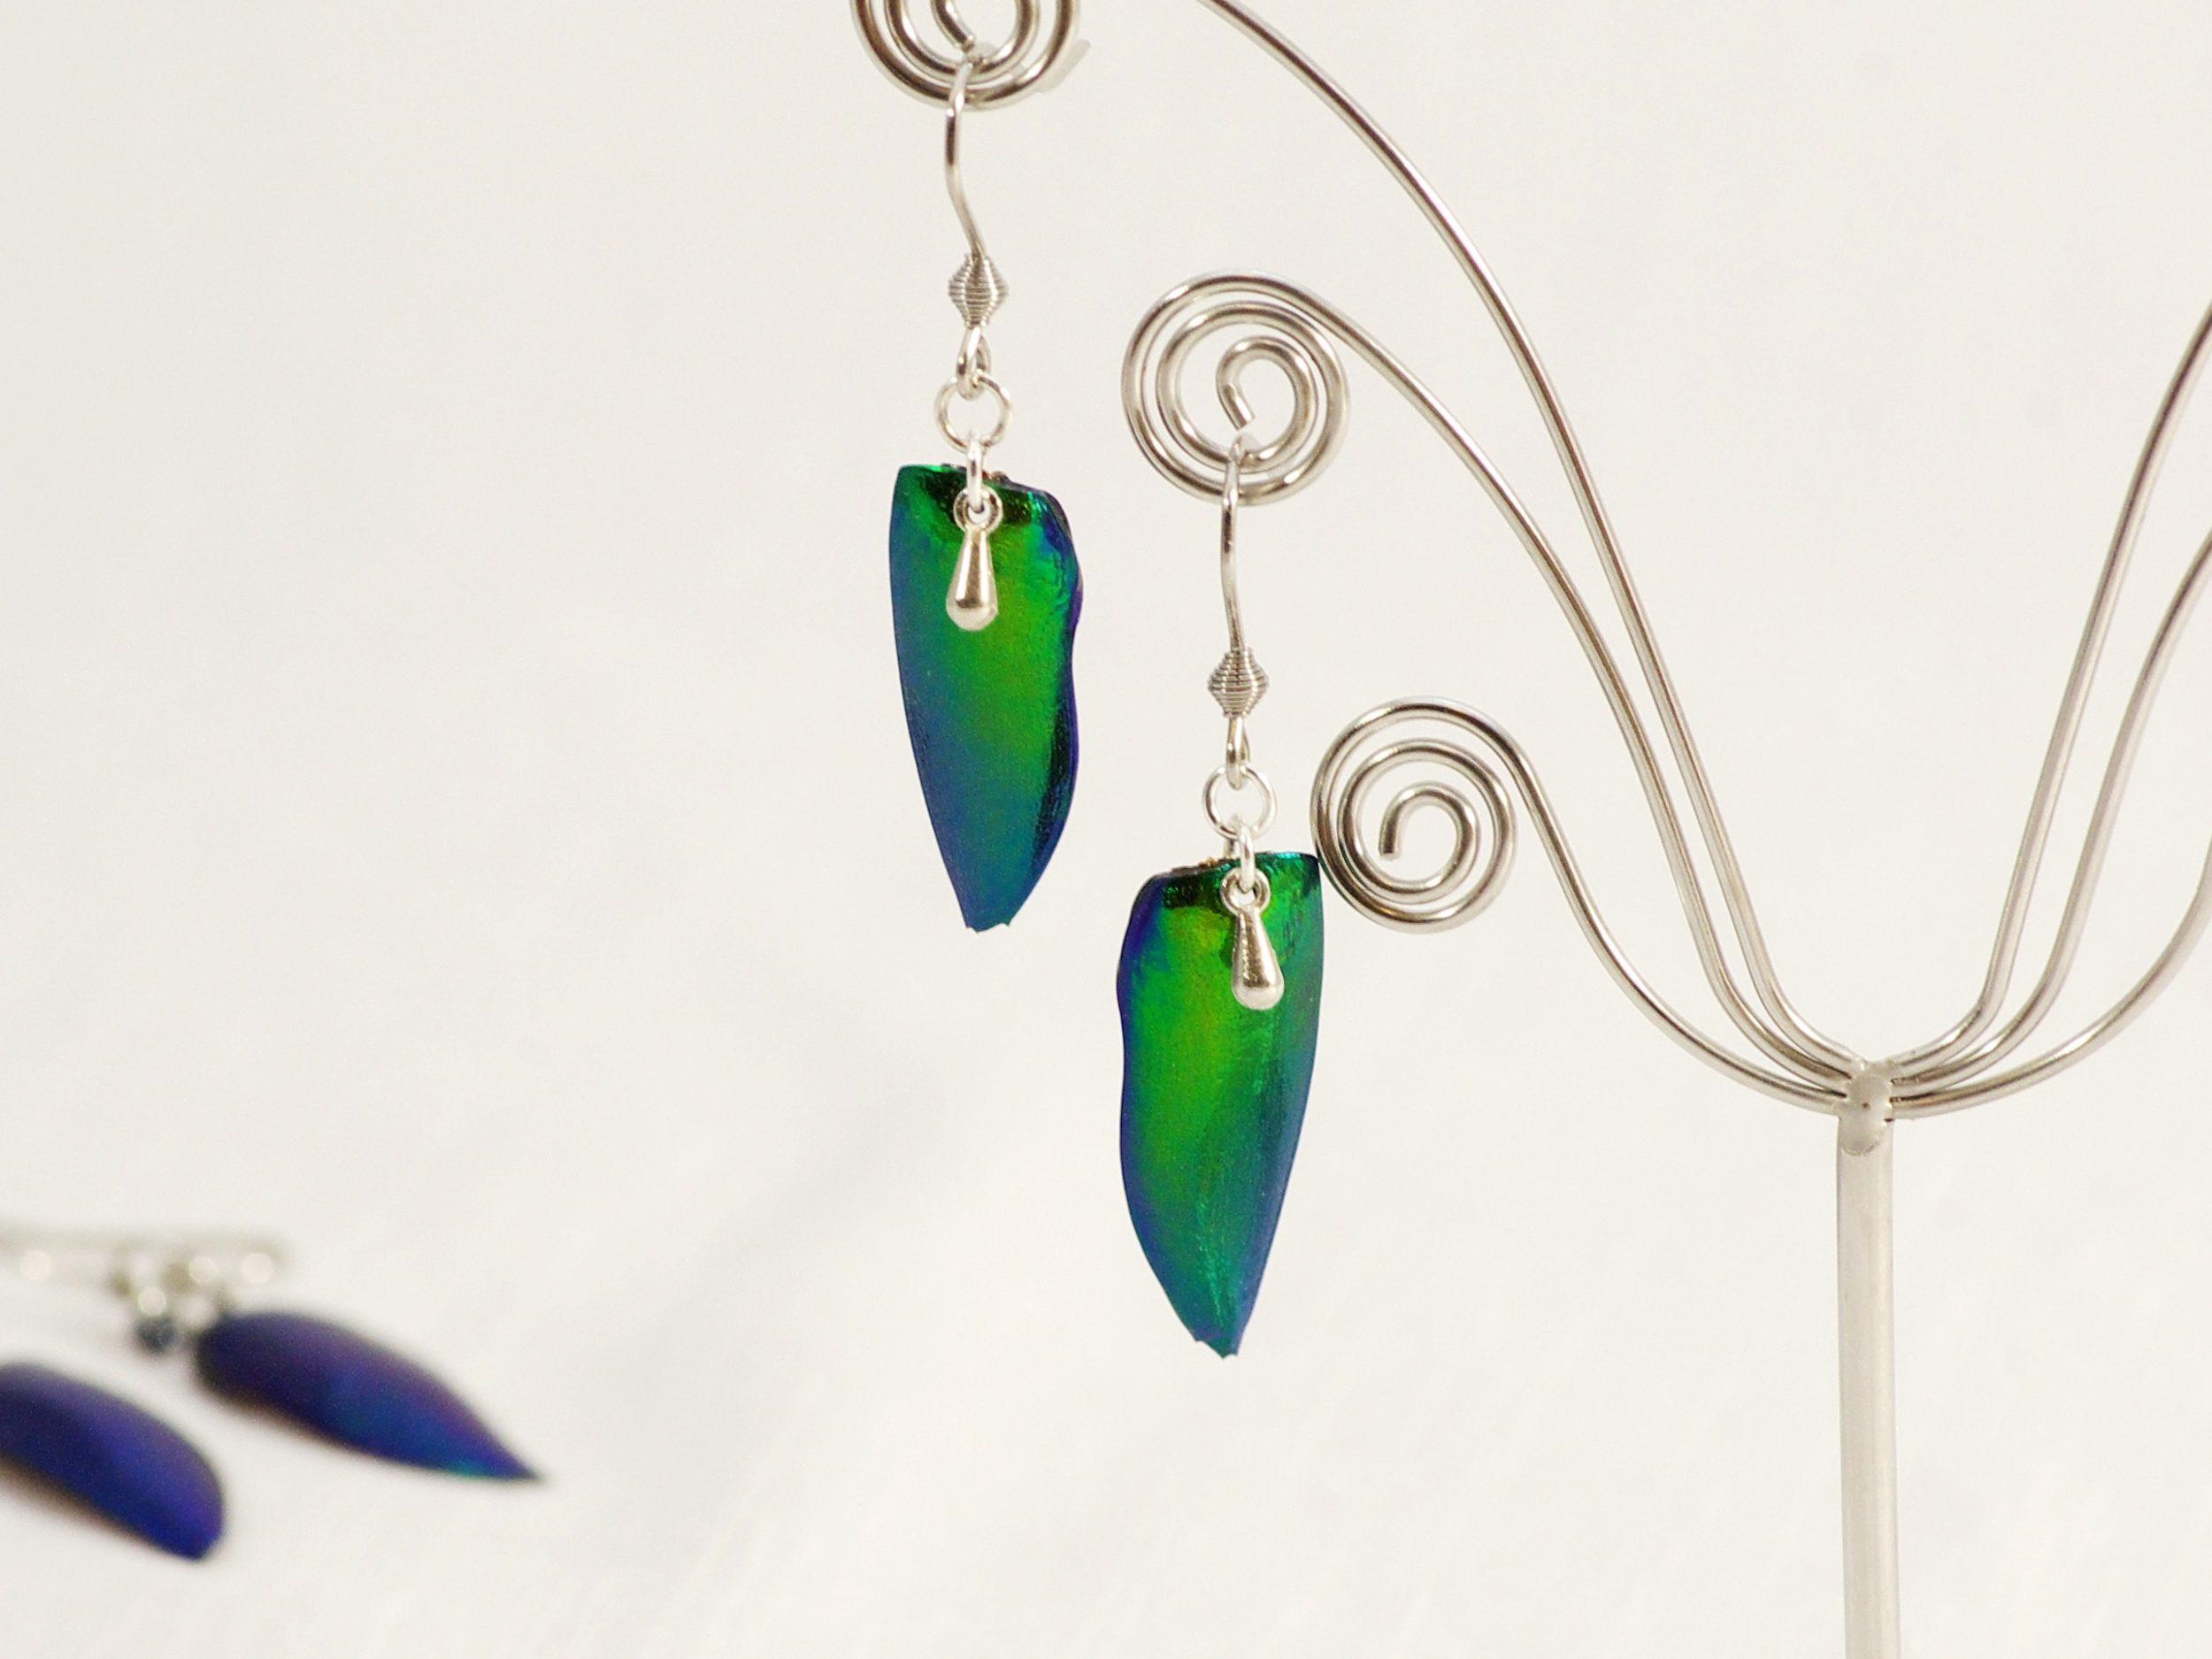 Boucles d'oreilles scarabées vetrs à reflets métallisés bleu verts avec de petites gouttes argentées